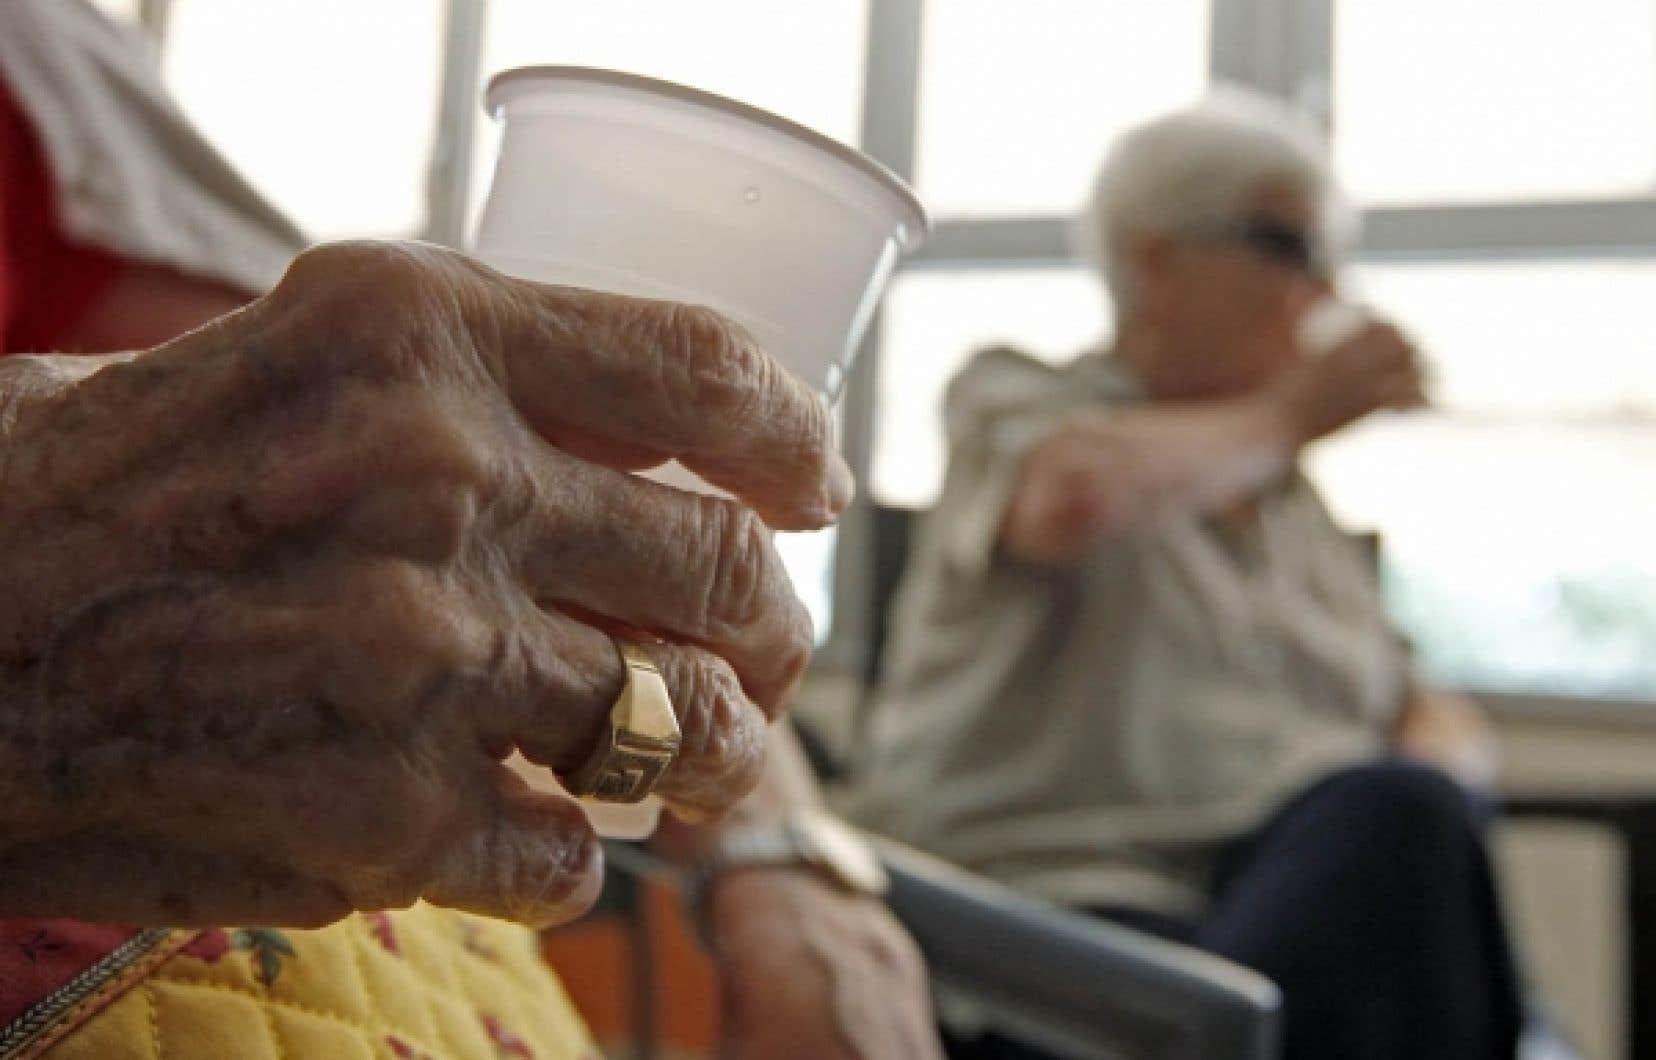 Dans les établissements privés destinés à l'hébergement des personnes âgées, «l'un des principaux mécanismes utilisés pour générer des bénéfices consiste à réduire le personnel, ce qui diminue inévitablement la qualité des soins», constatent deux chercheuses.<br />